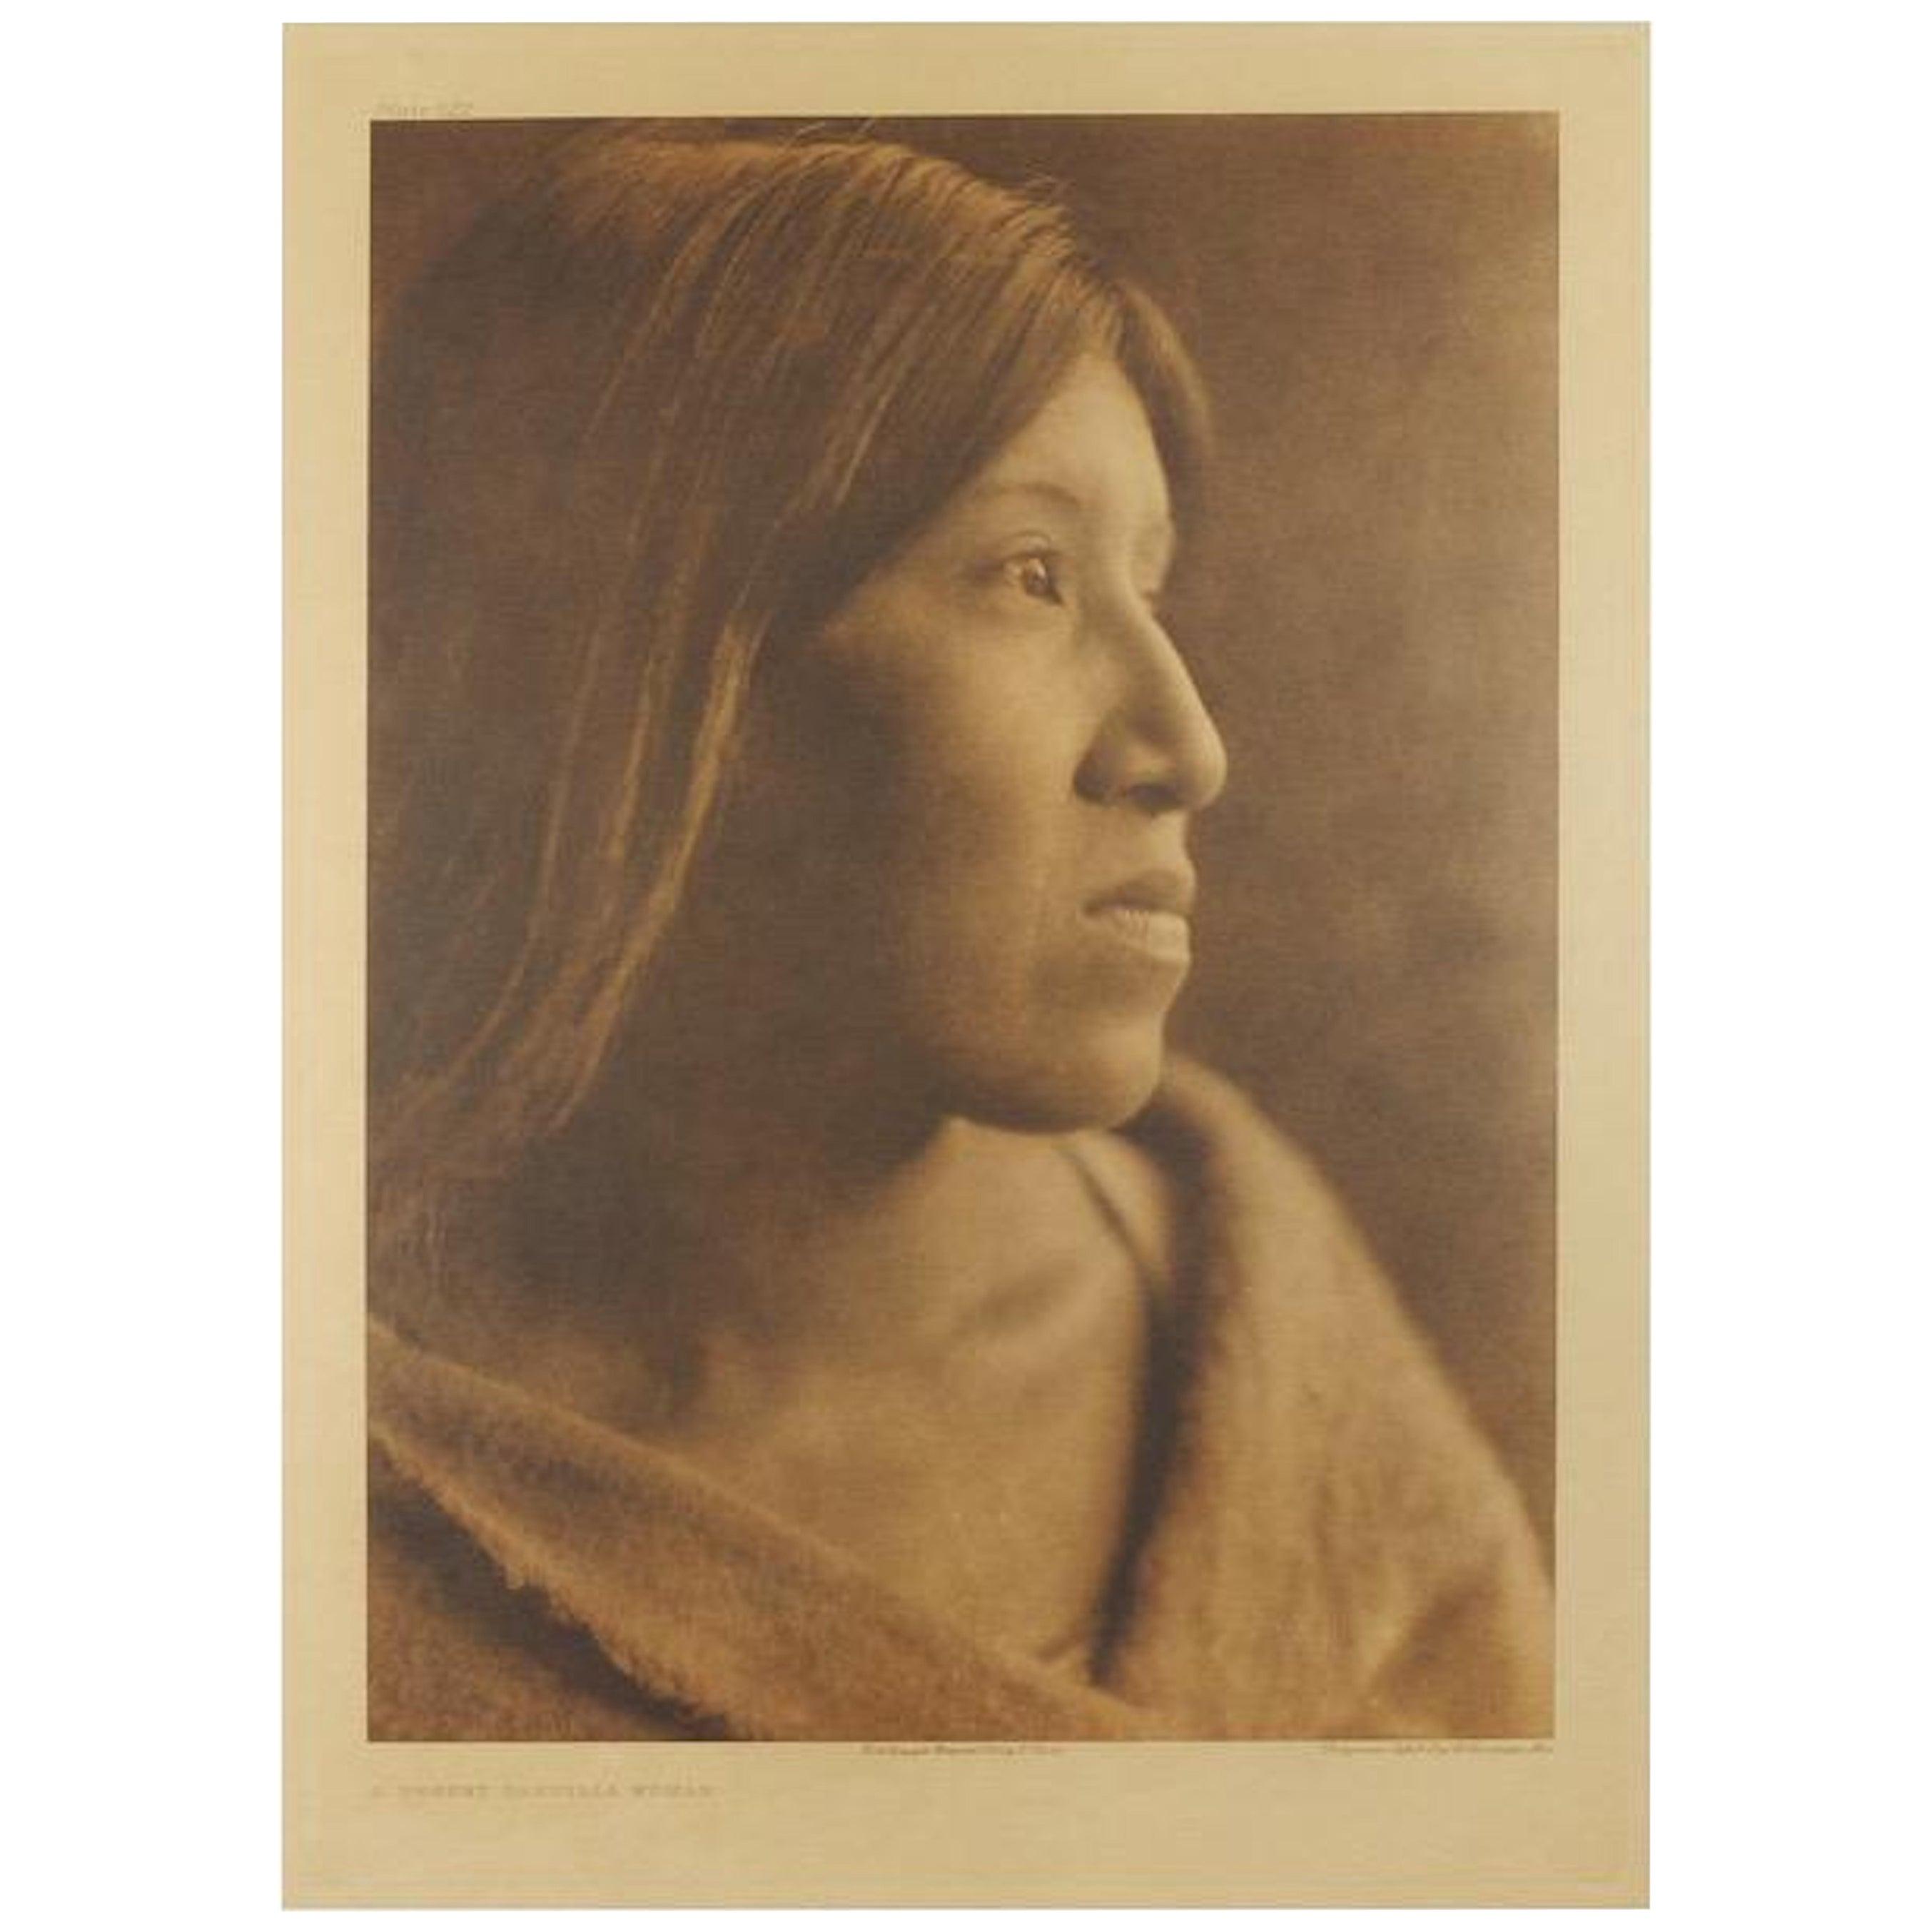 """Original Edward S. Curtis, """"A Desert Cahuilla Woman,"""" Photogravure, 1924"""